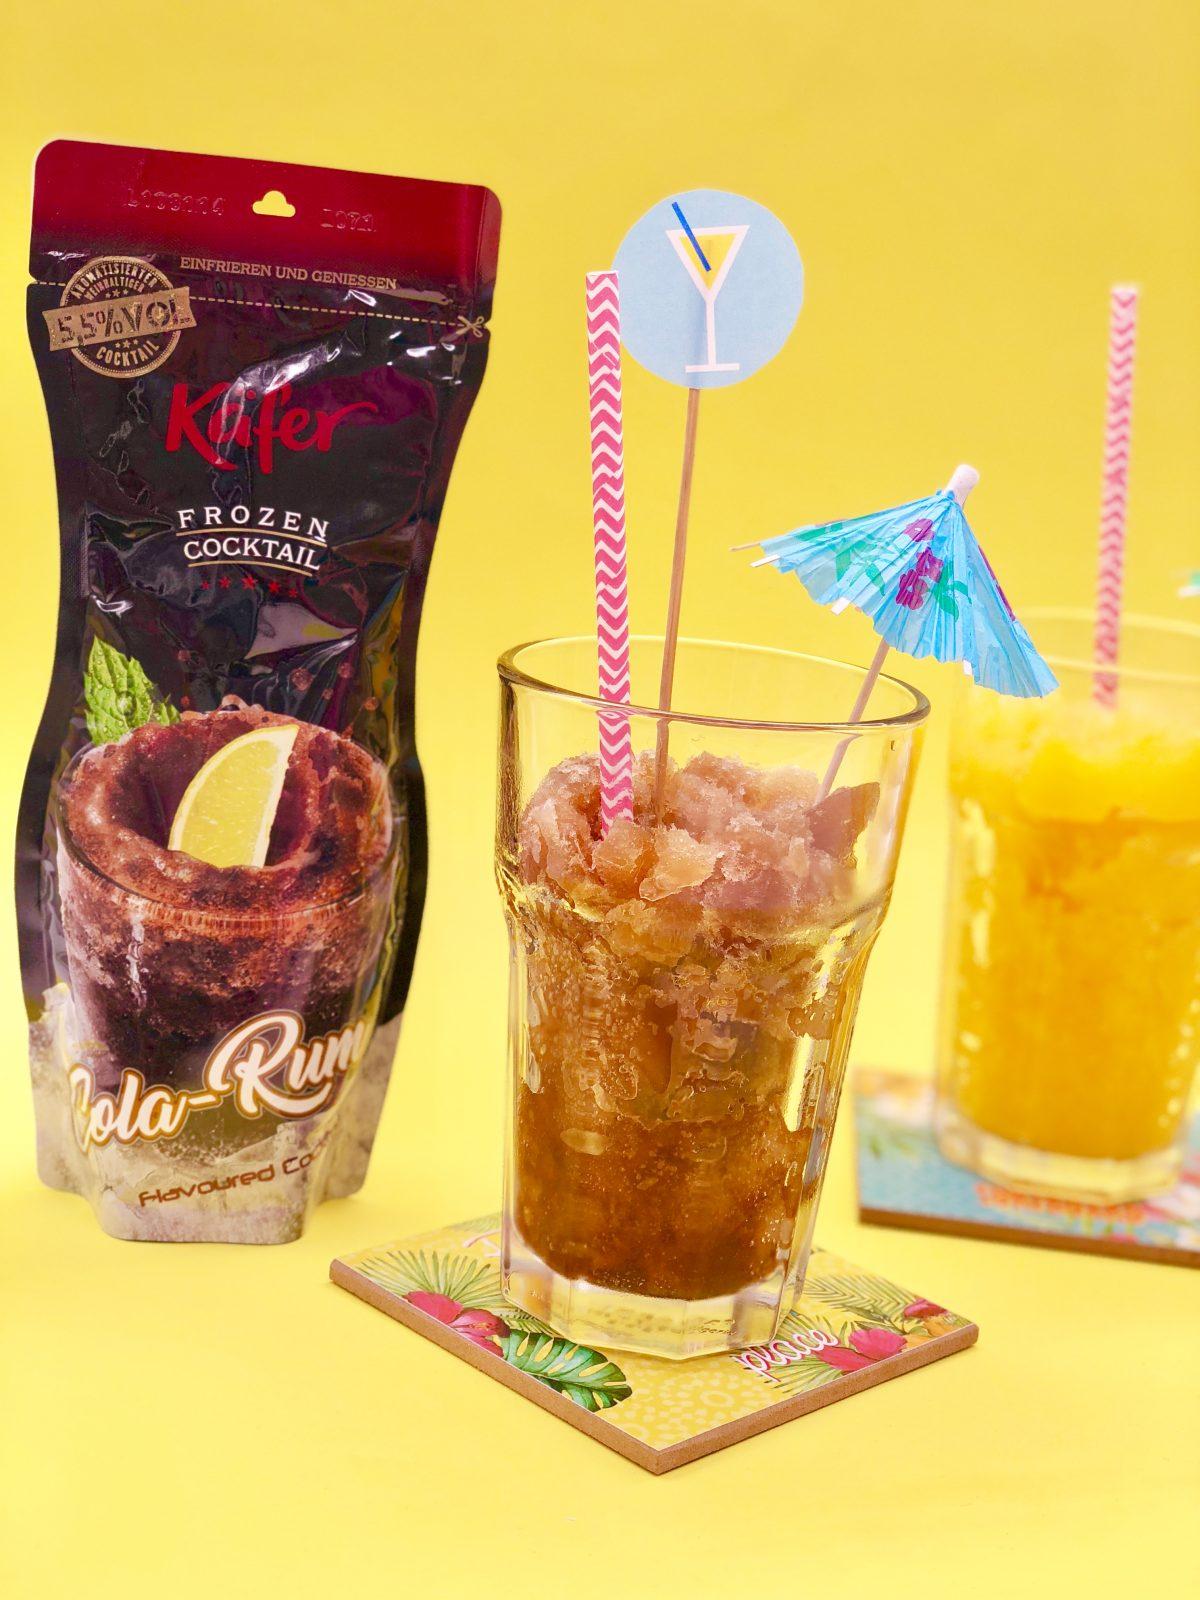 Party Ideen Für Die Sommerparty Inspiriert Von Käfer Frozen Cocktails